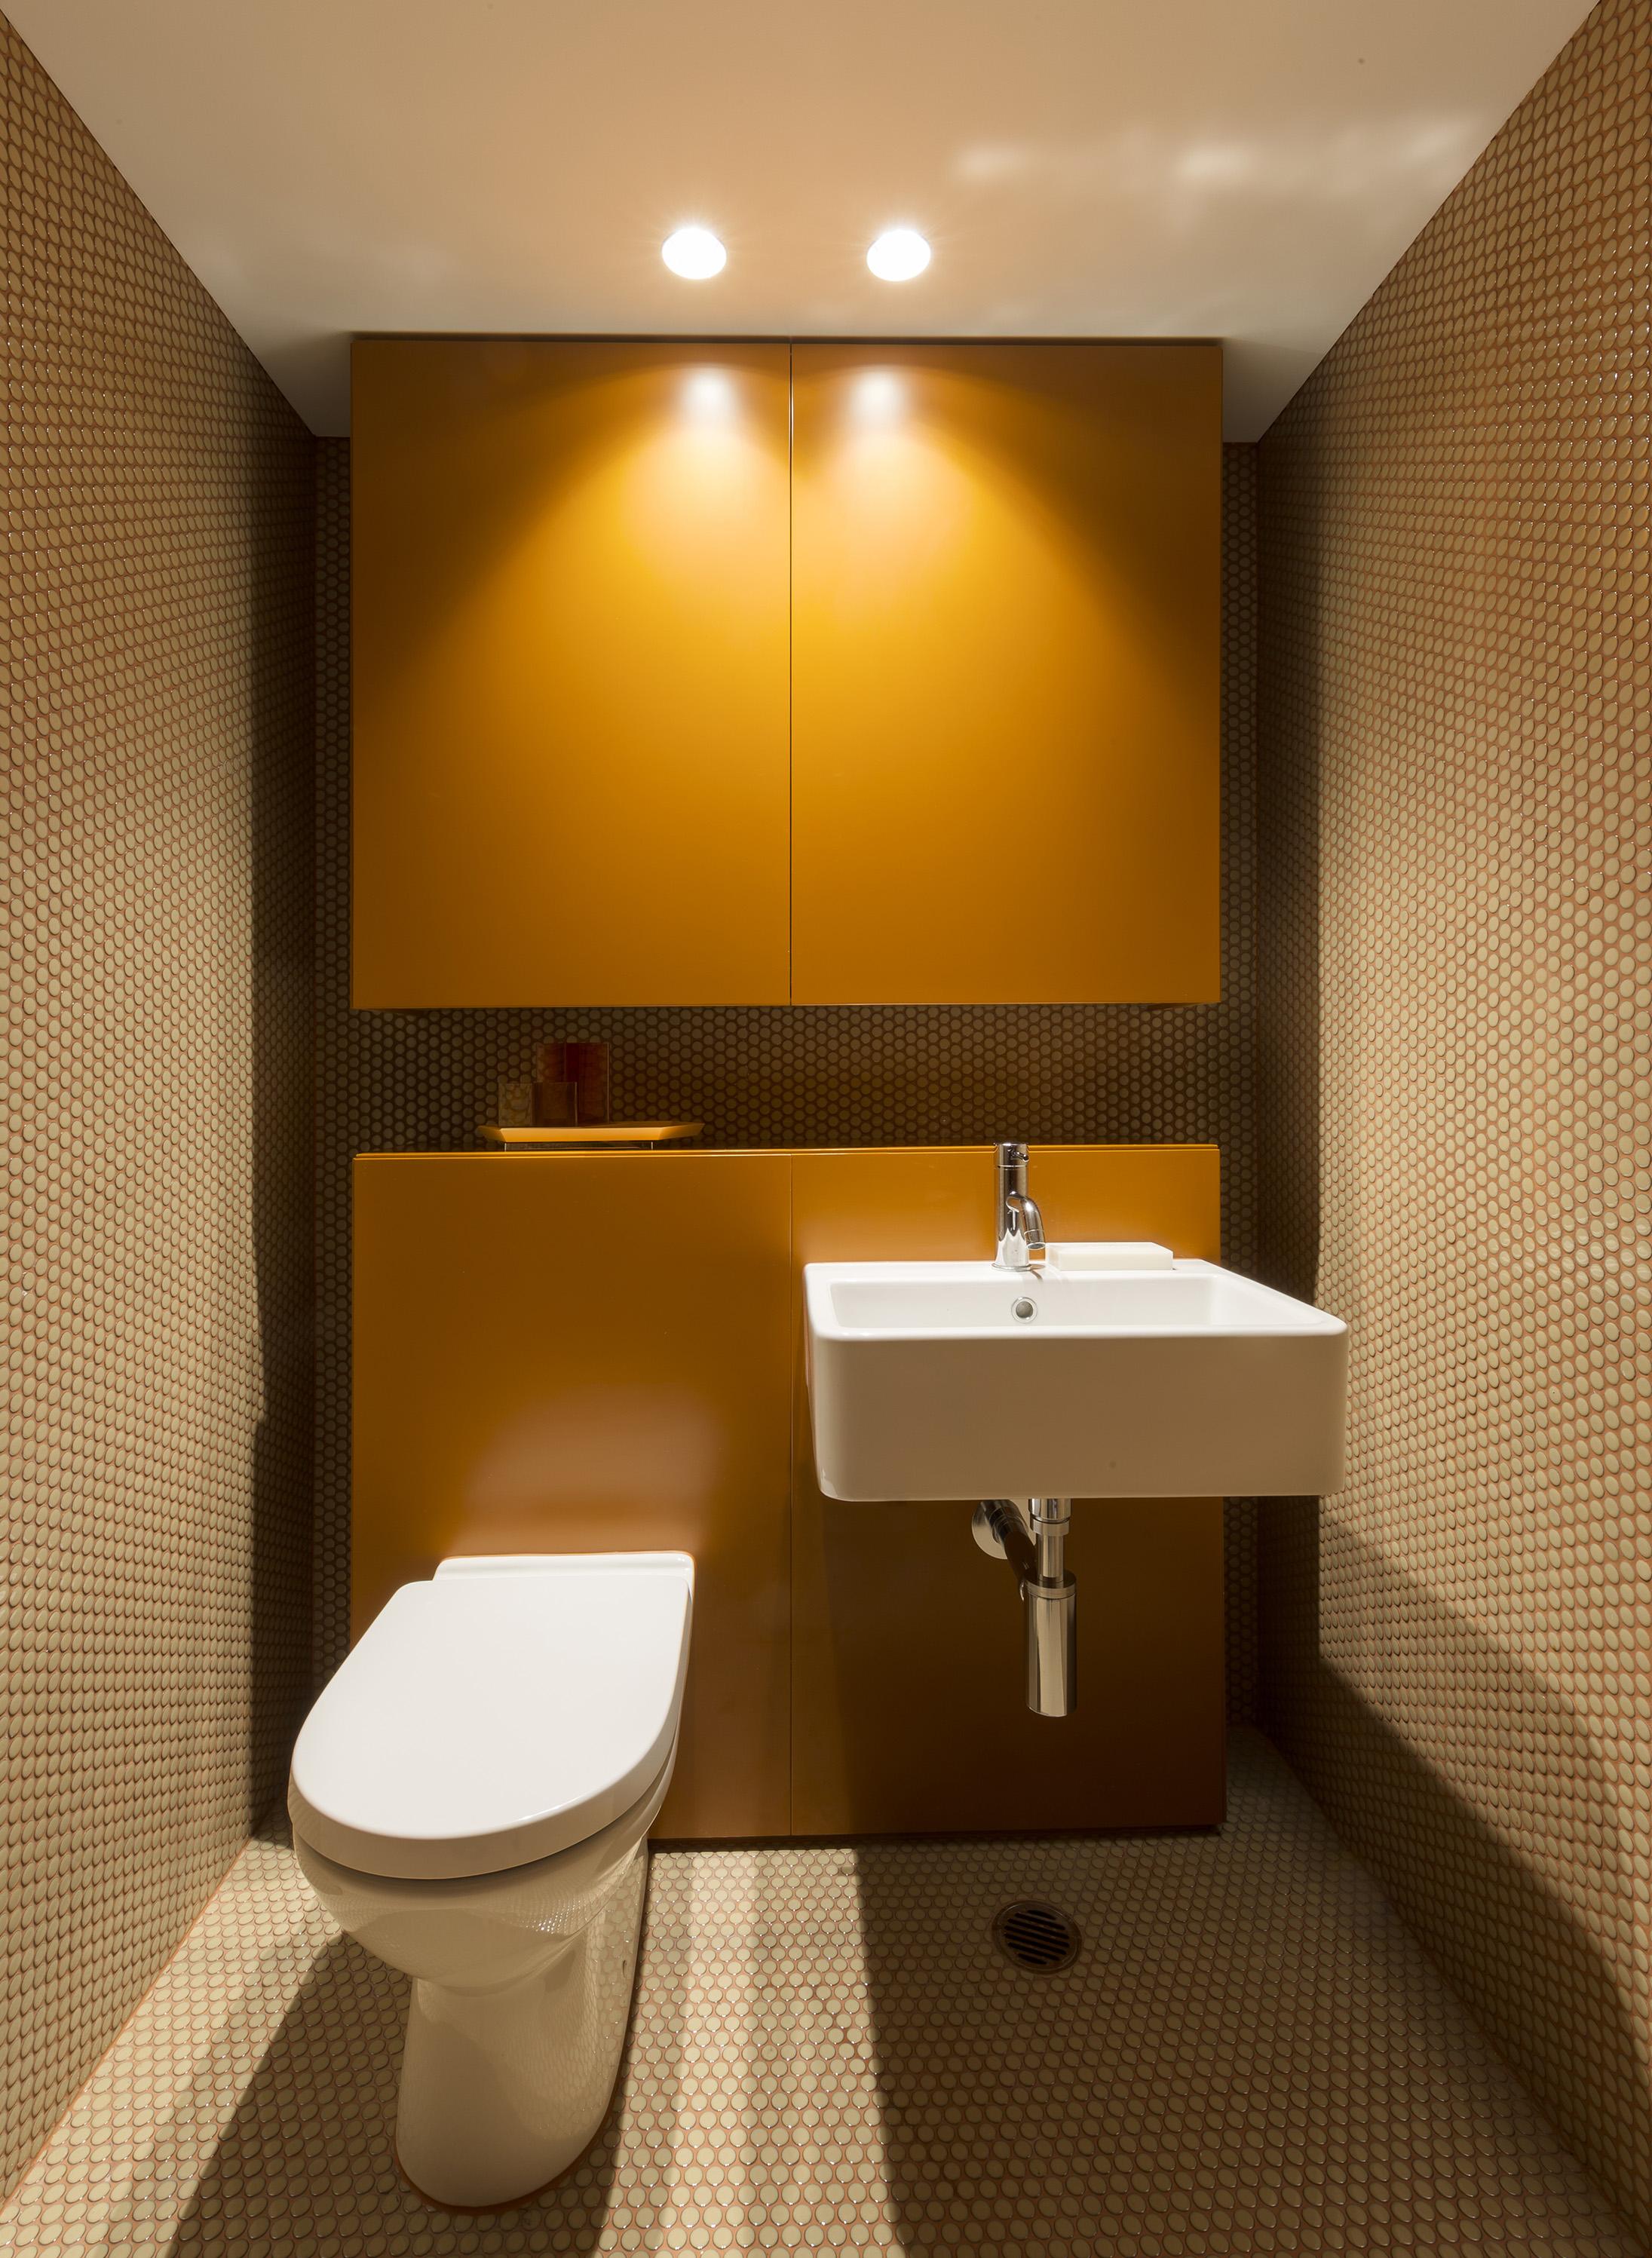 Crown 515-Smart Design Studio-The Local Project-Australian Architecture & Design-Image 14